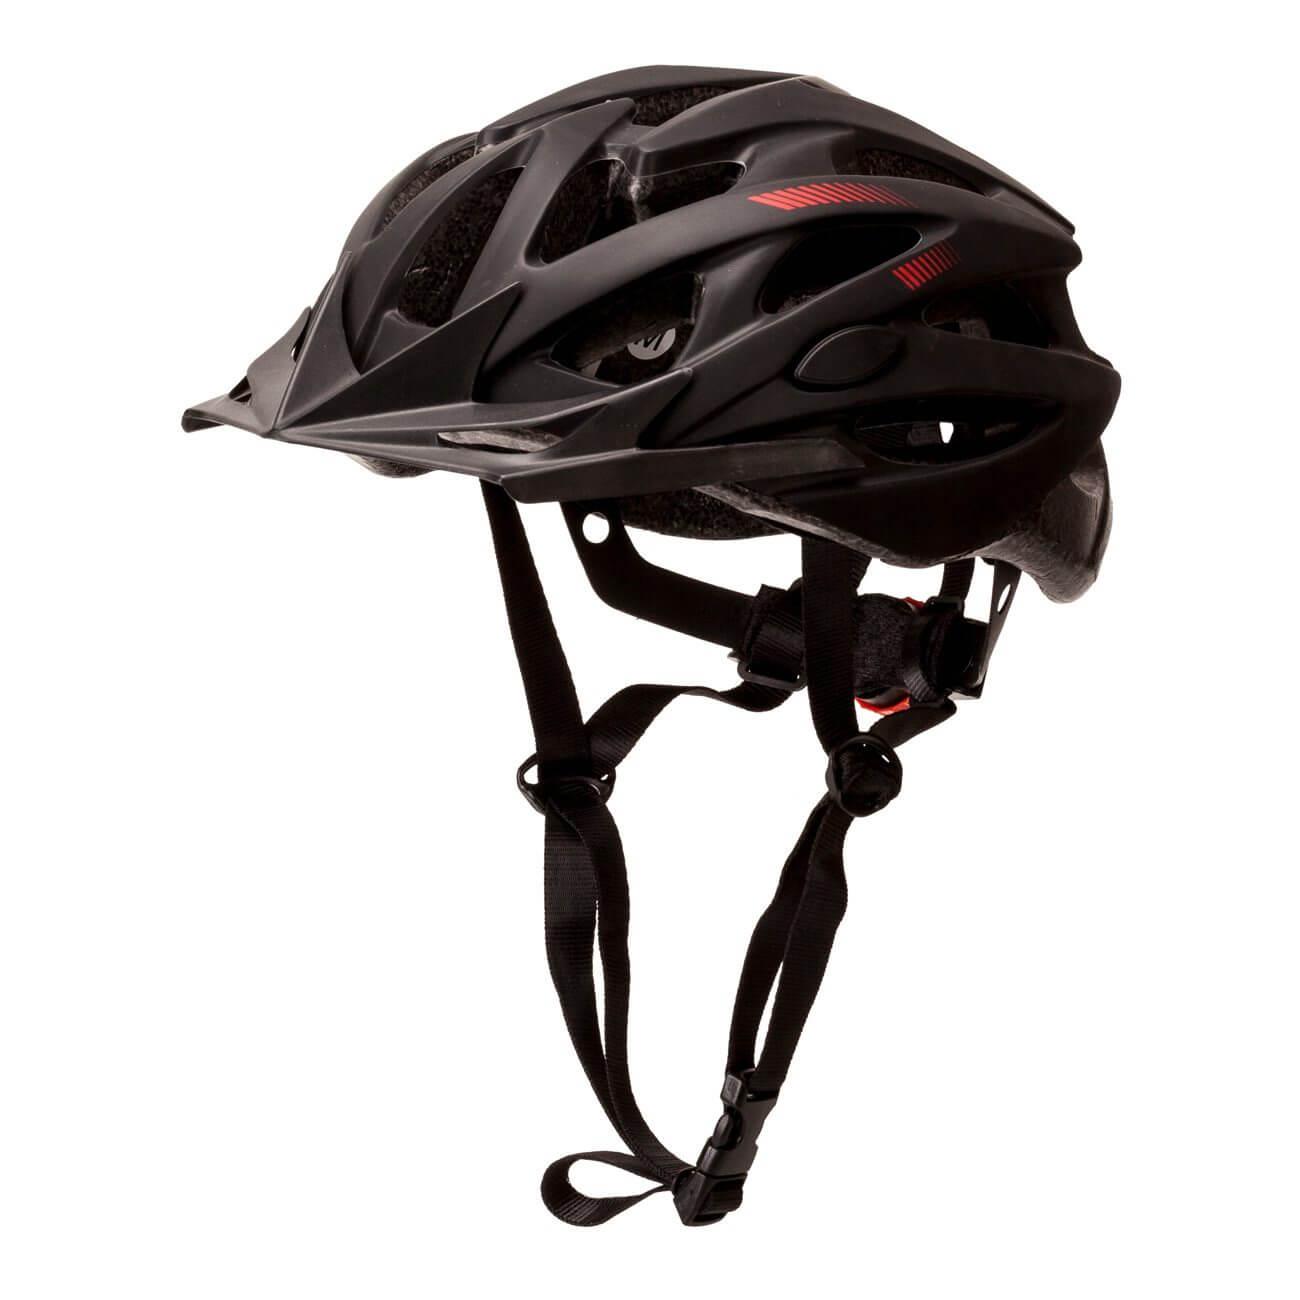 XMR Helmet 200 Black